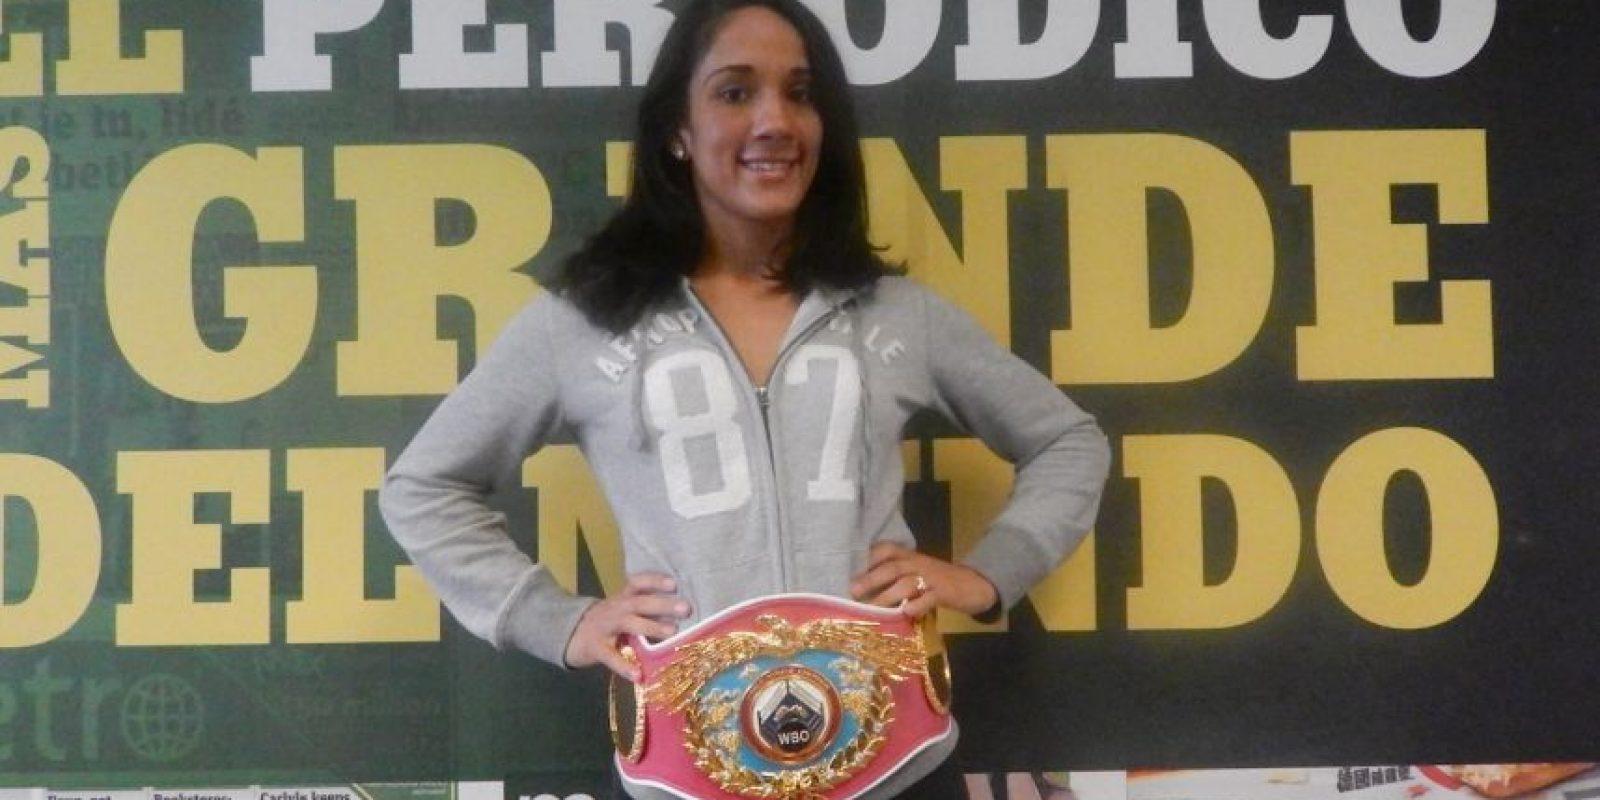 Amanda Serrano será honrada en una ceremonia en Puerto Rico. Foto:Christian Fuentes. Imagen Por: